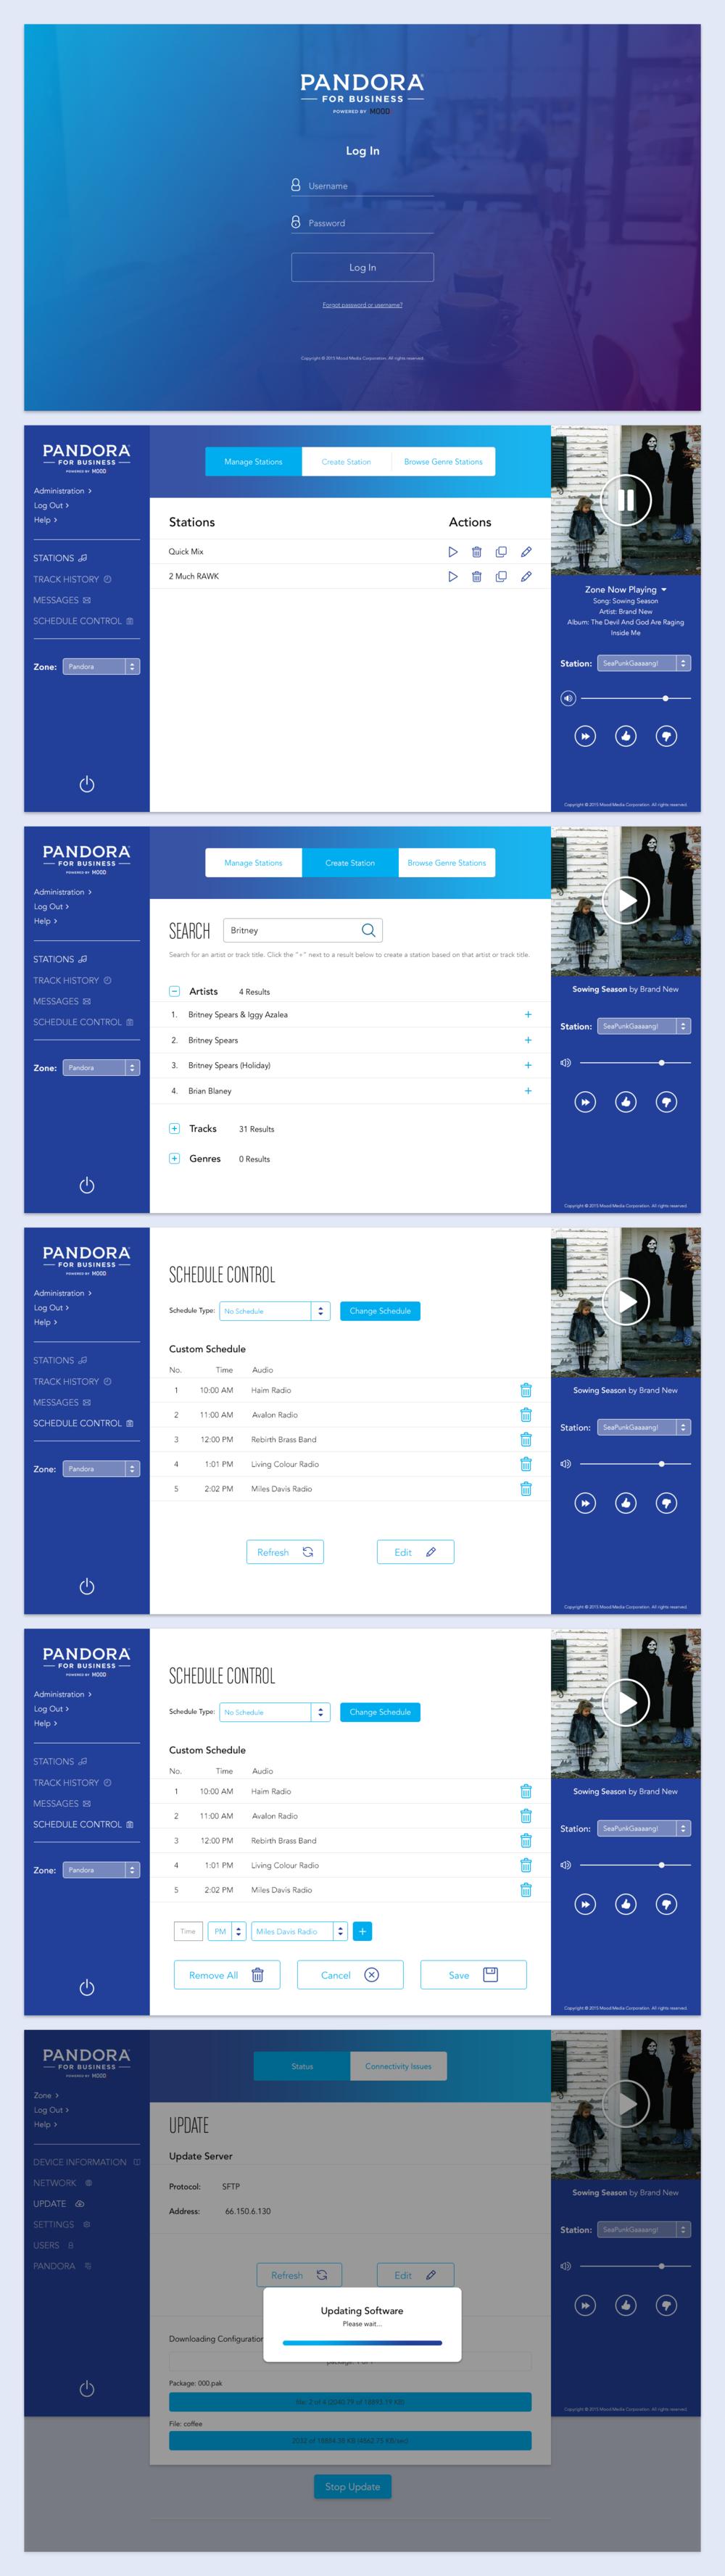 Pandora Desktop.png